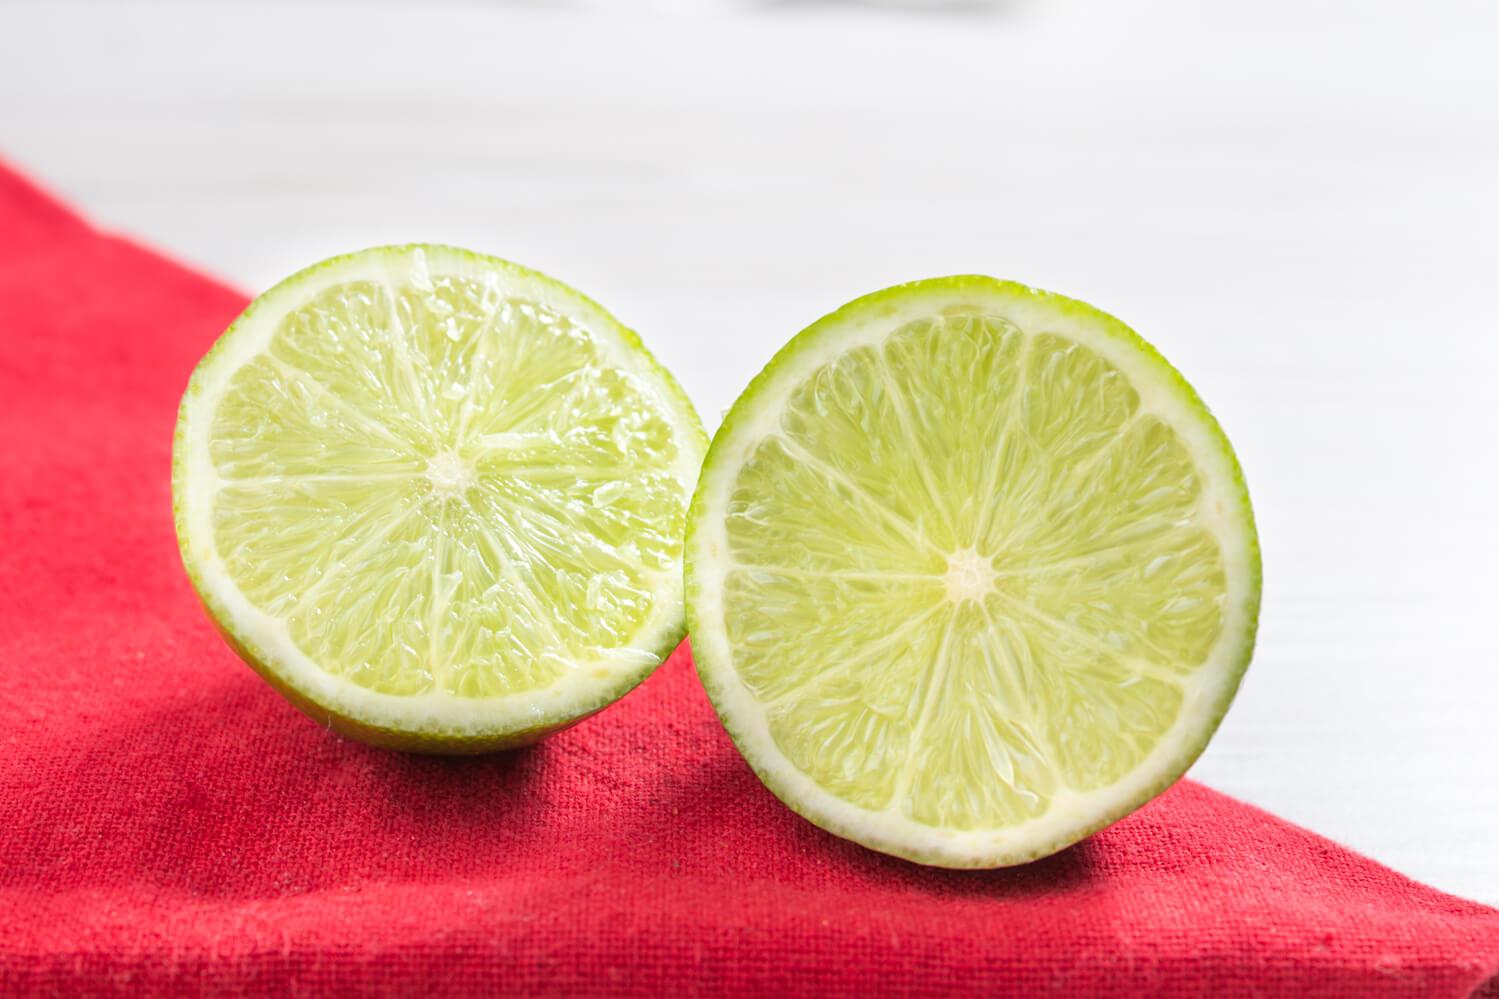 Saiba mais sobre o Limão Tahiti, um dos ingredientes utilizados pela Liv Up